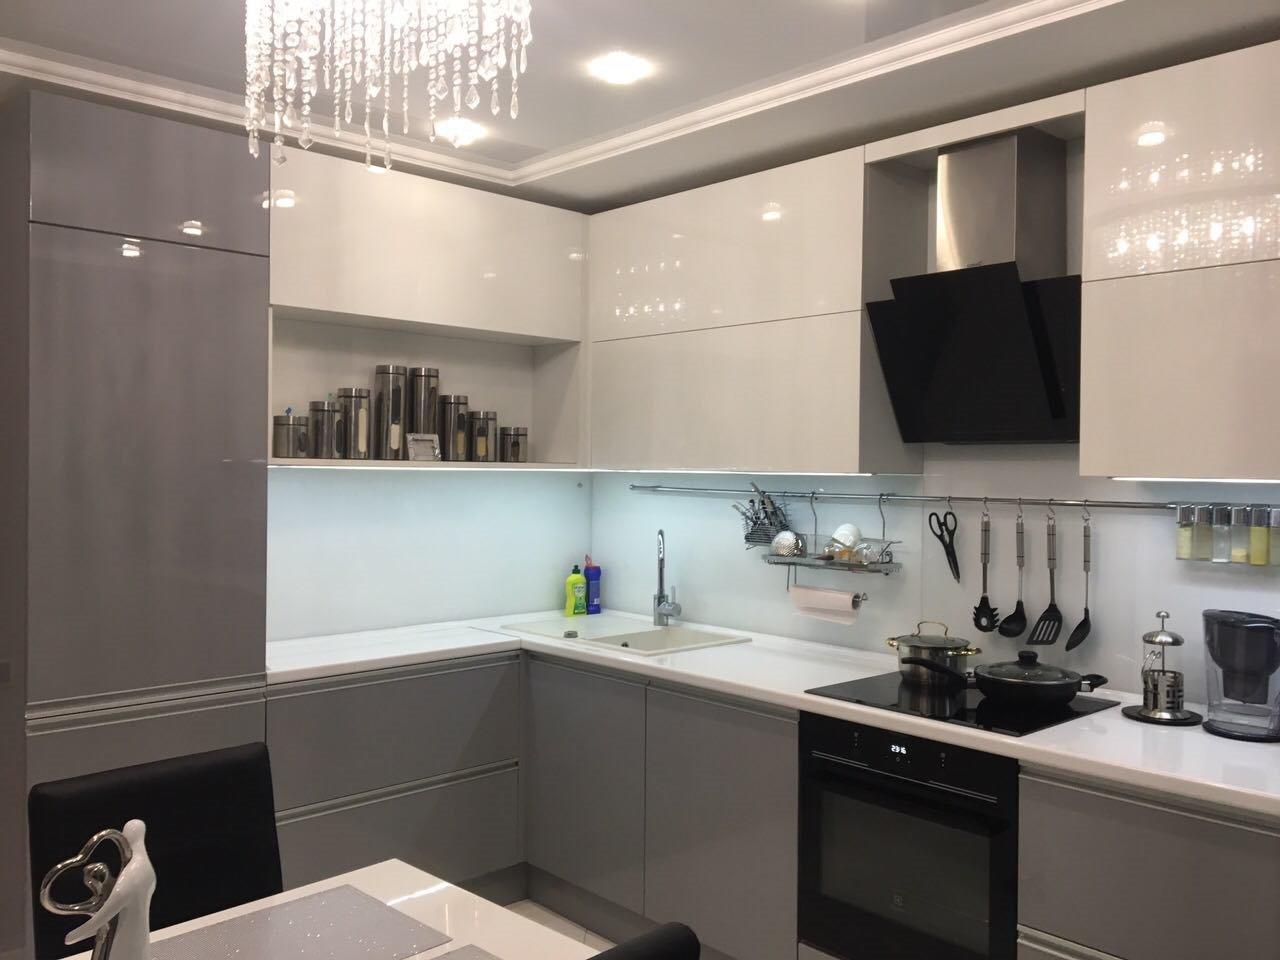 Кухня площадью 14 кв. м: что и куда поставить?